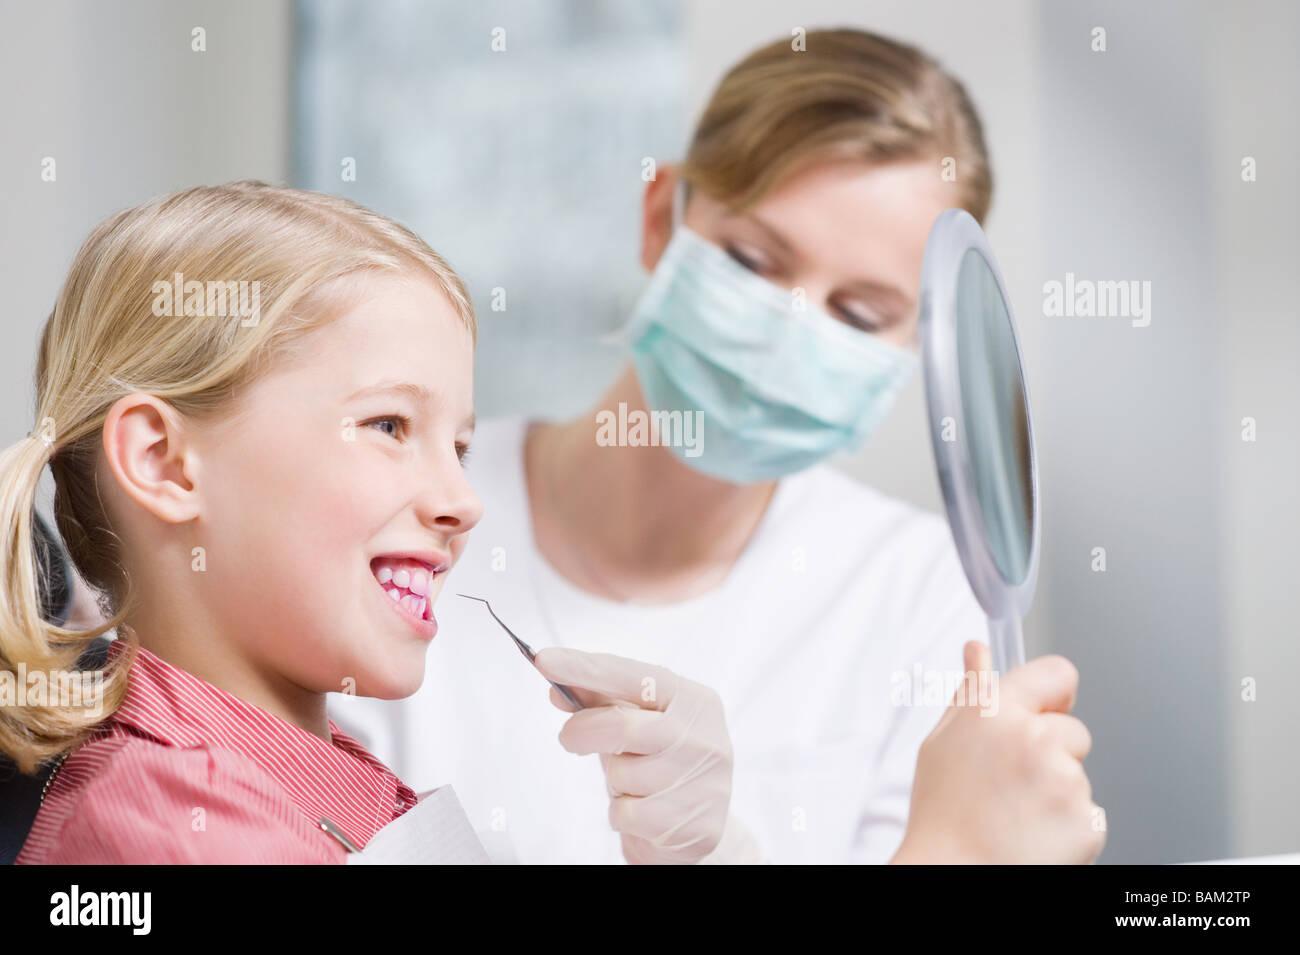 Ragazza e igienista dentale Immagini Stock